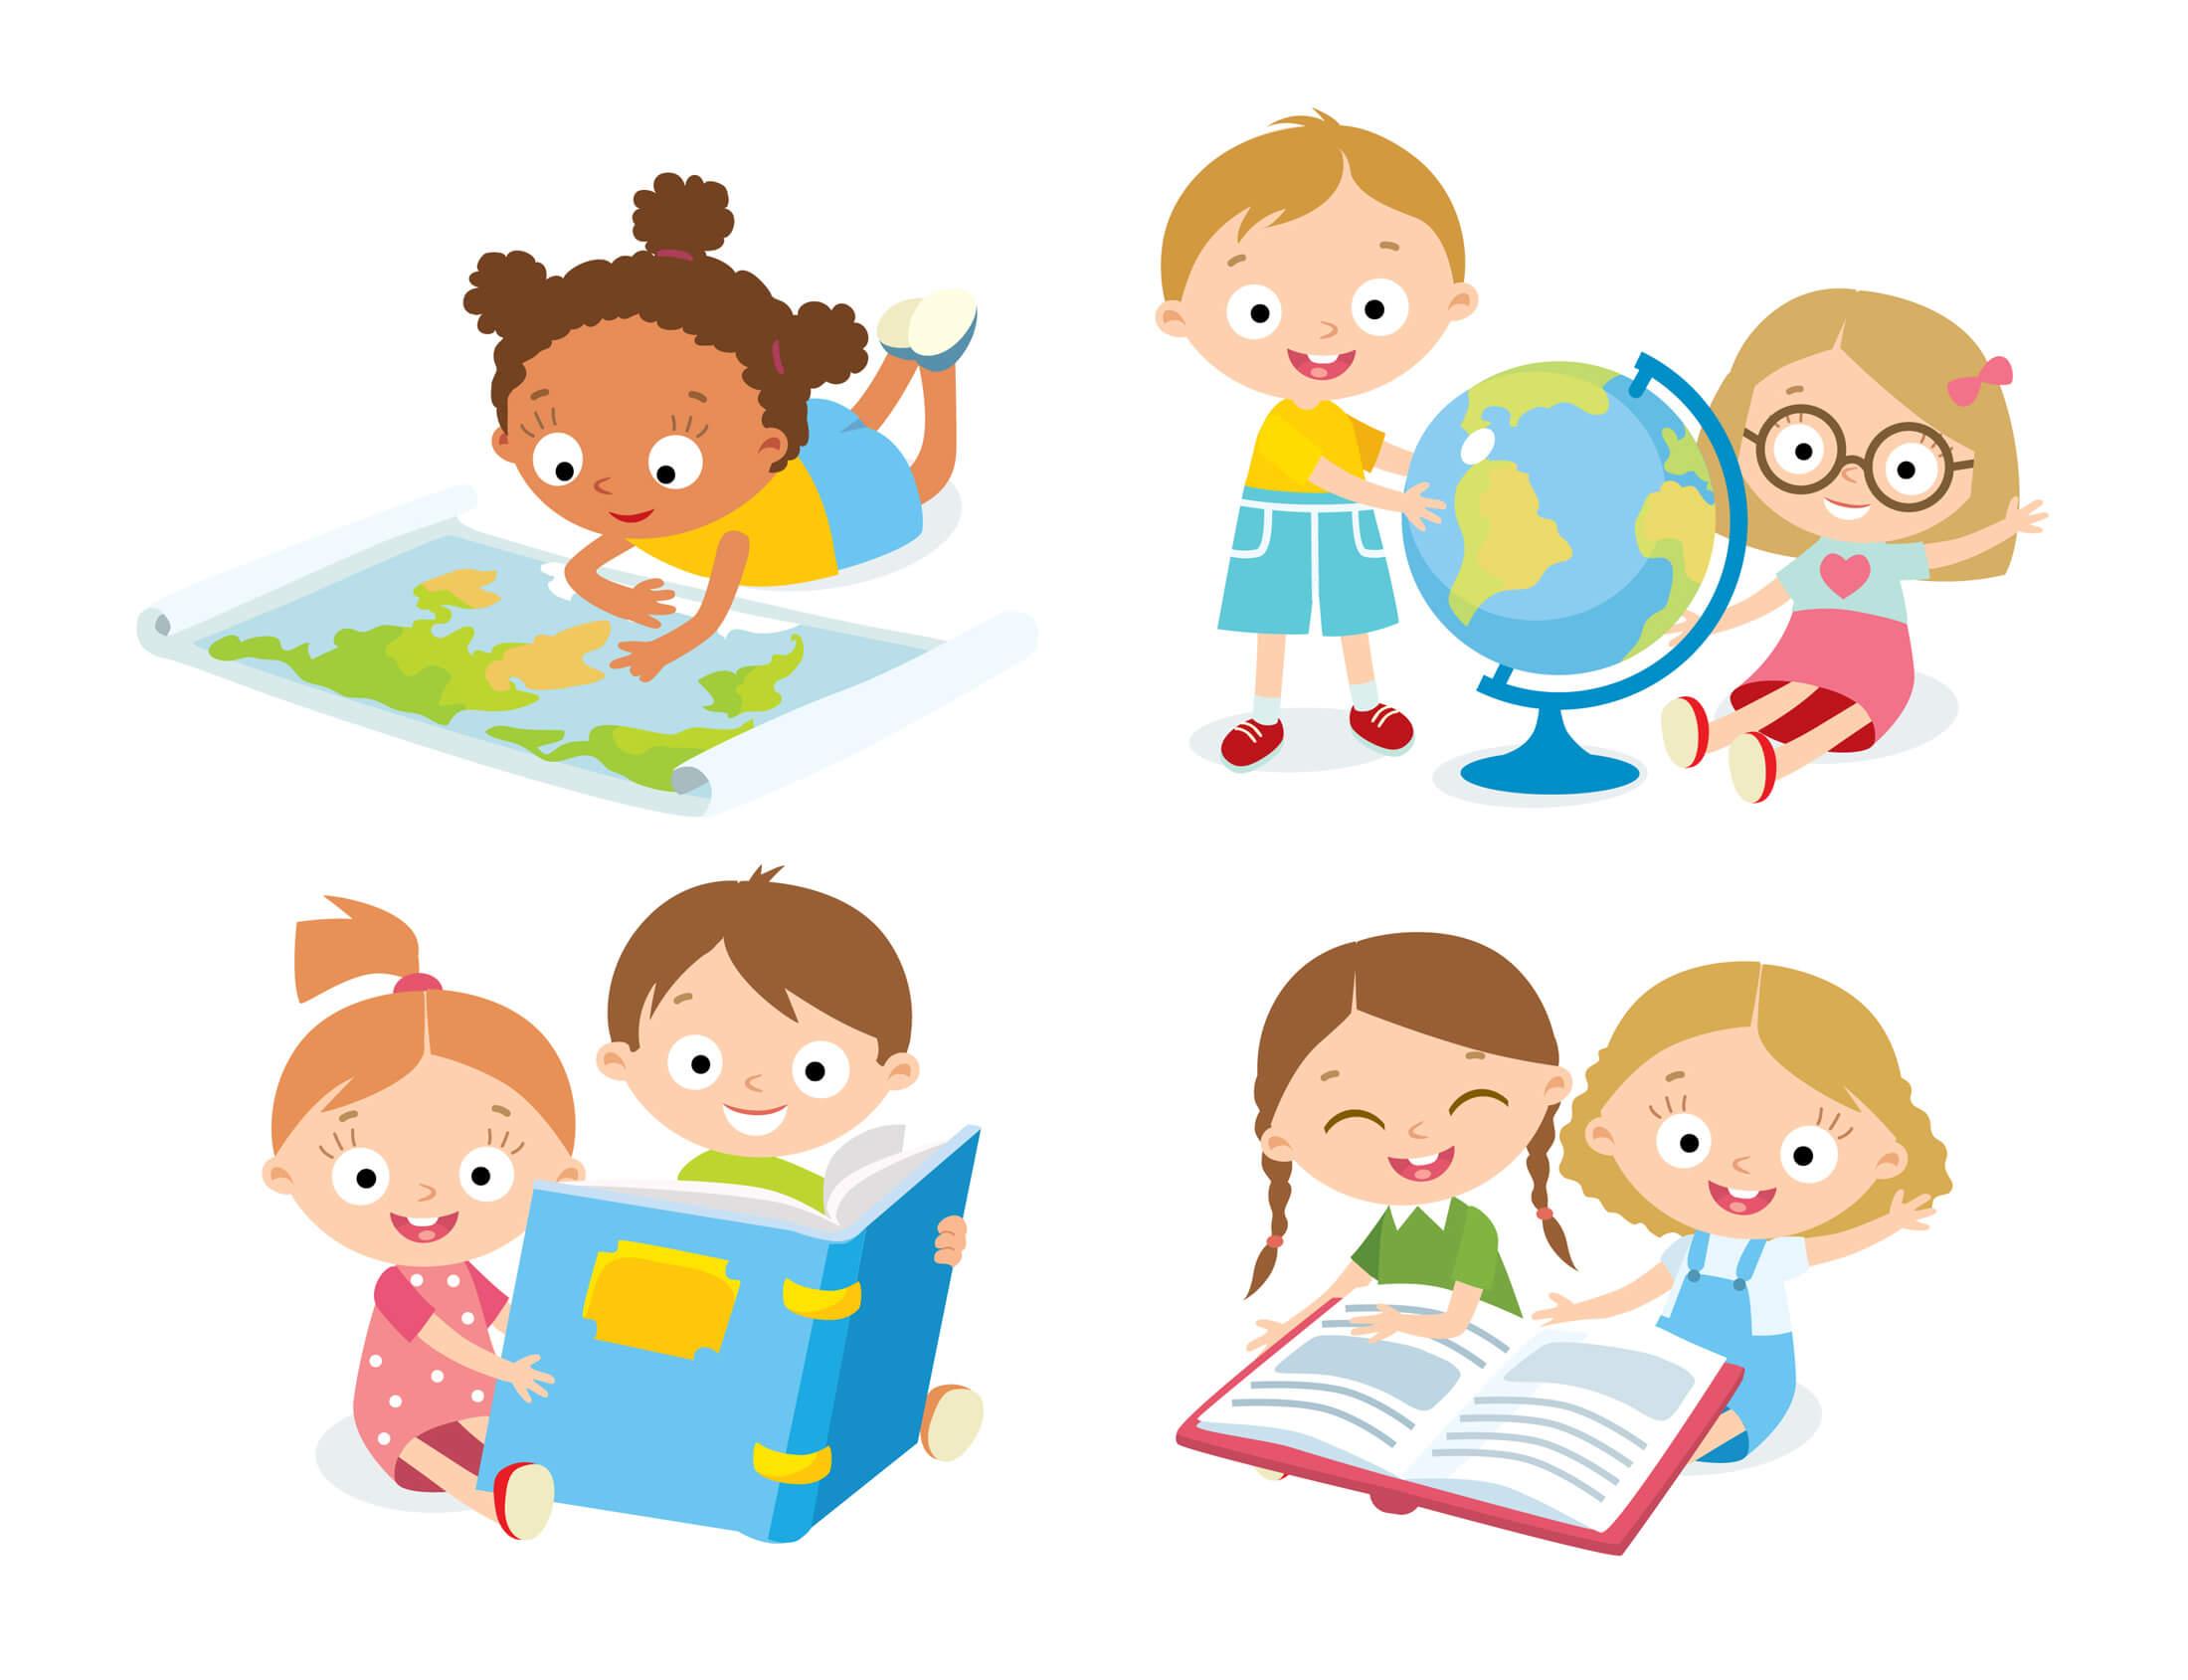 Niños utilizando diferentes recursos educativos para enseñar geografía.